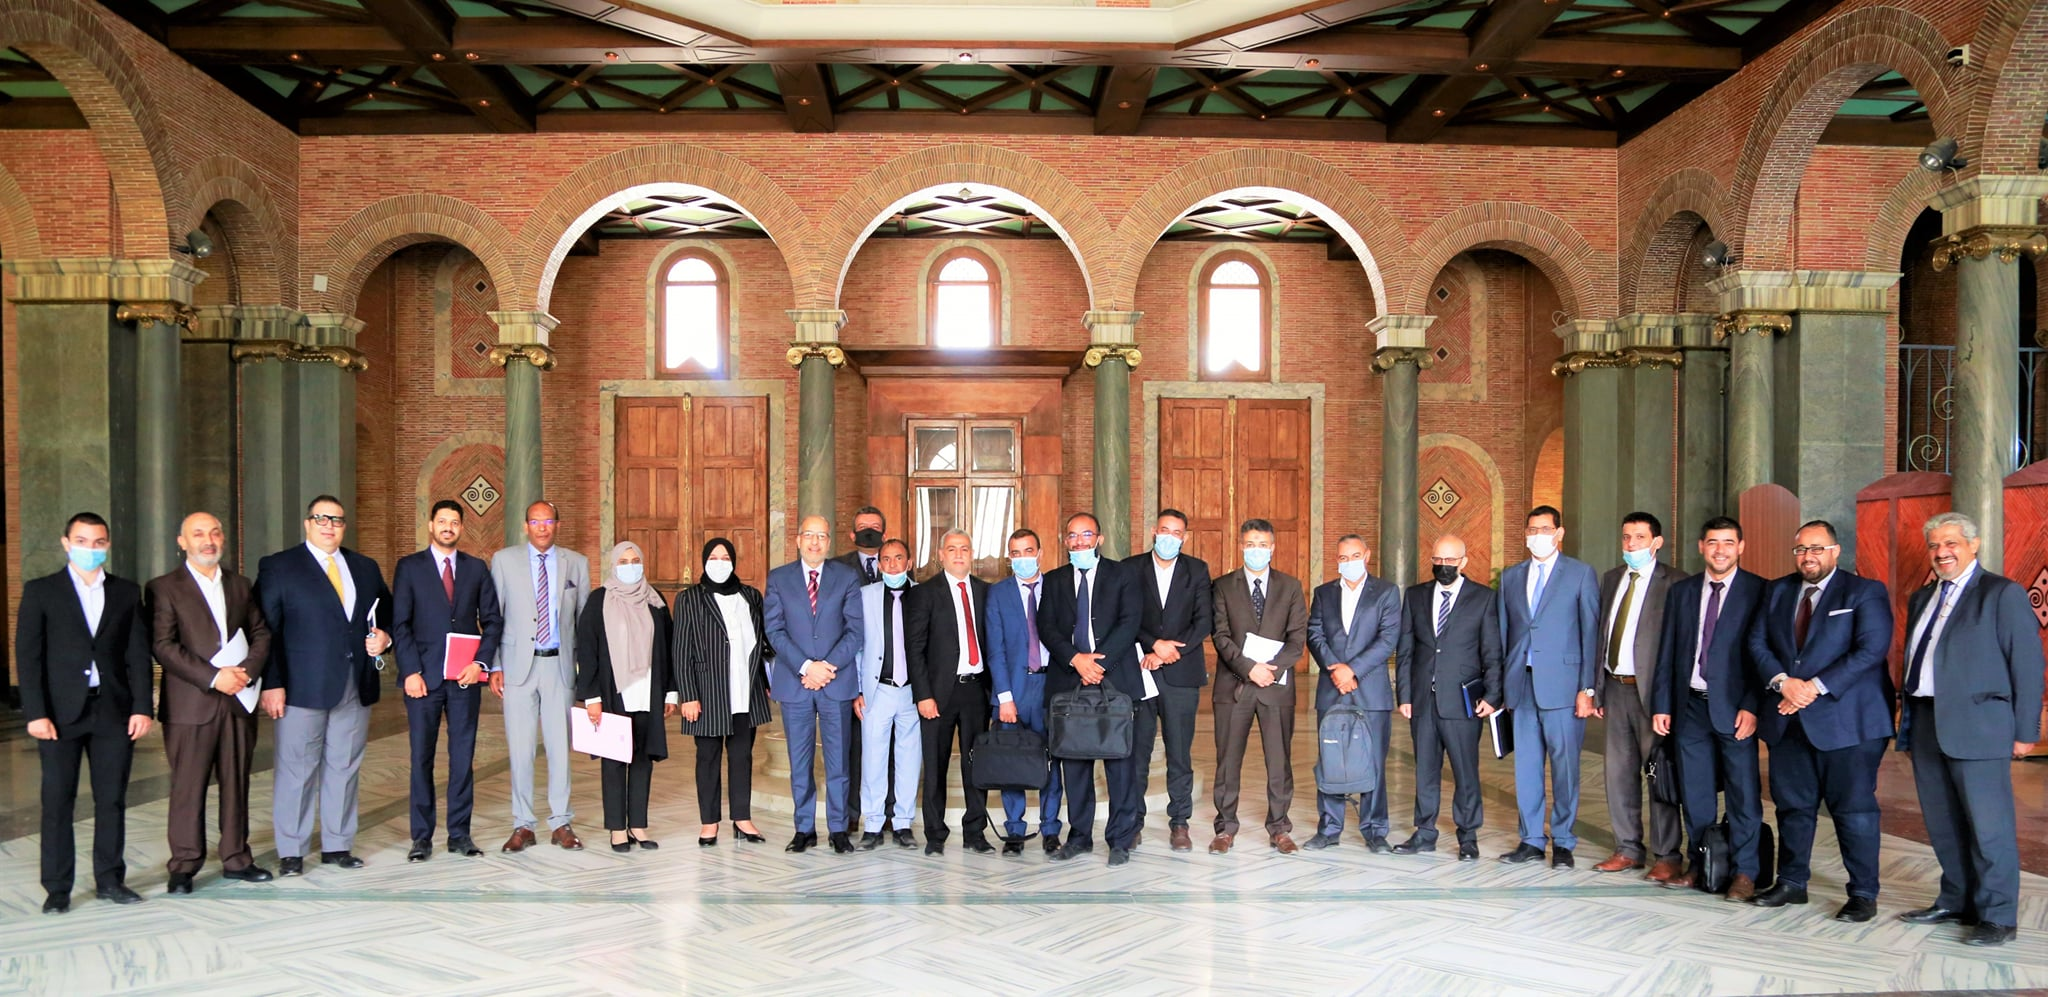 إجتماع مصرف ليبيا المركزي بشأن إطلاق عدد من المشروعات الهامة